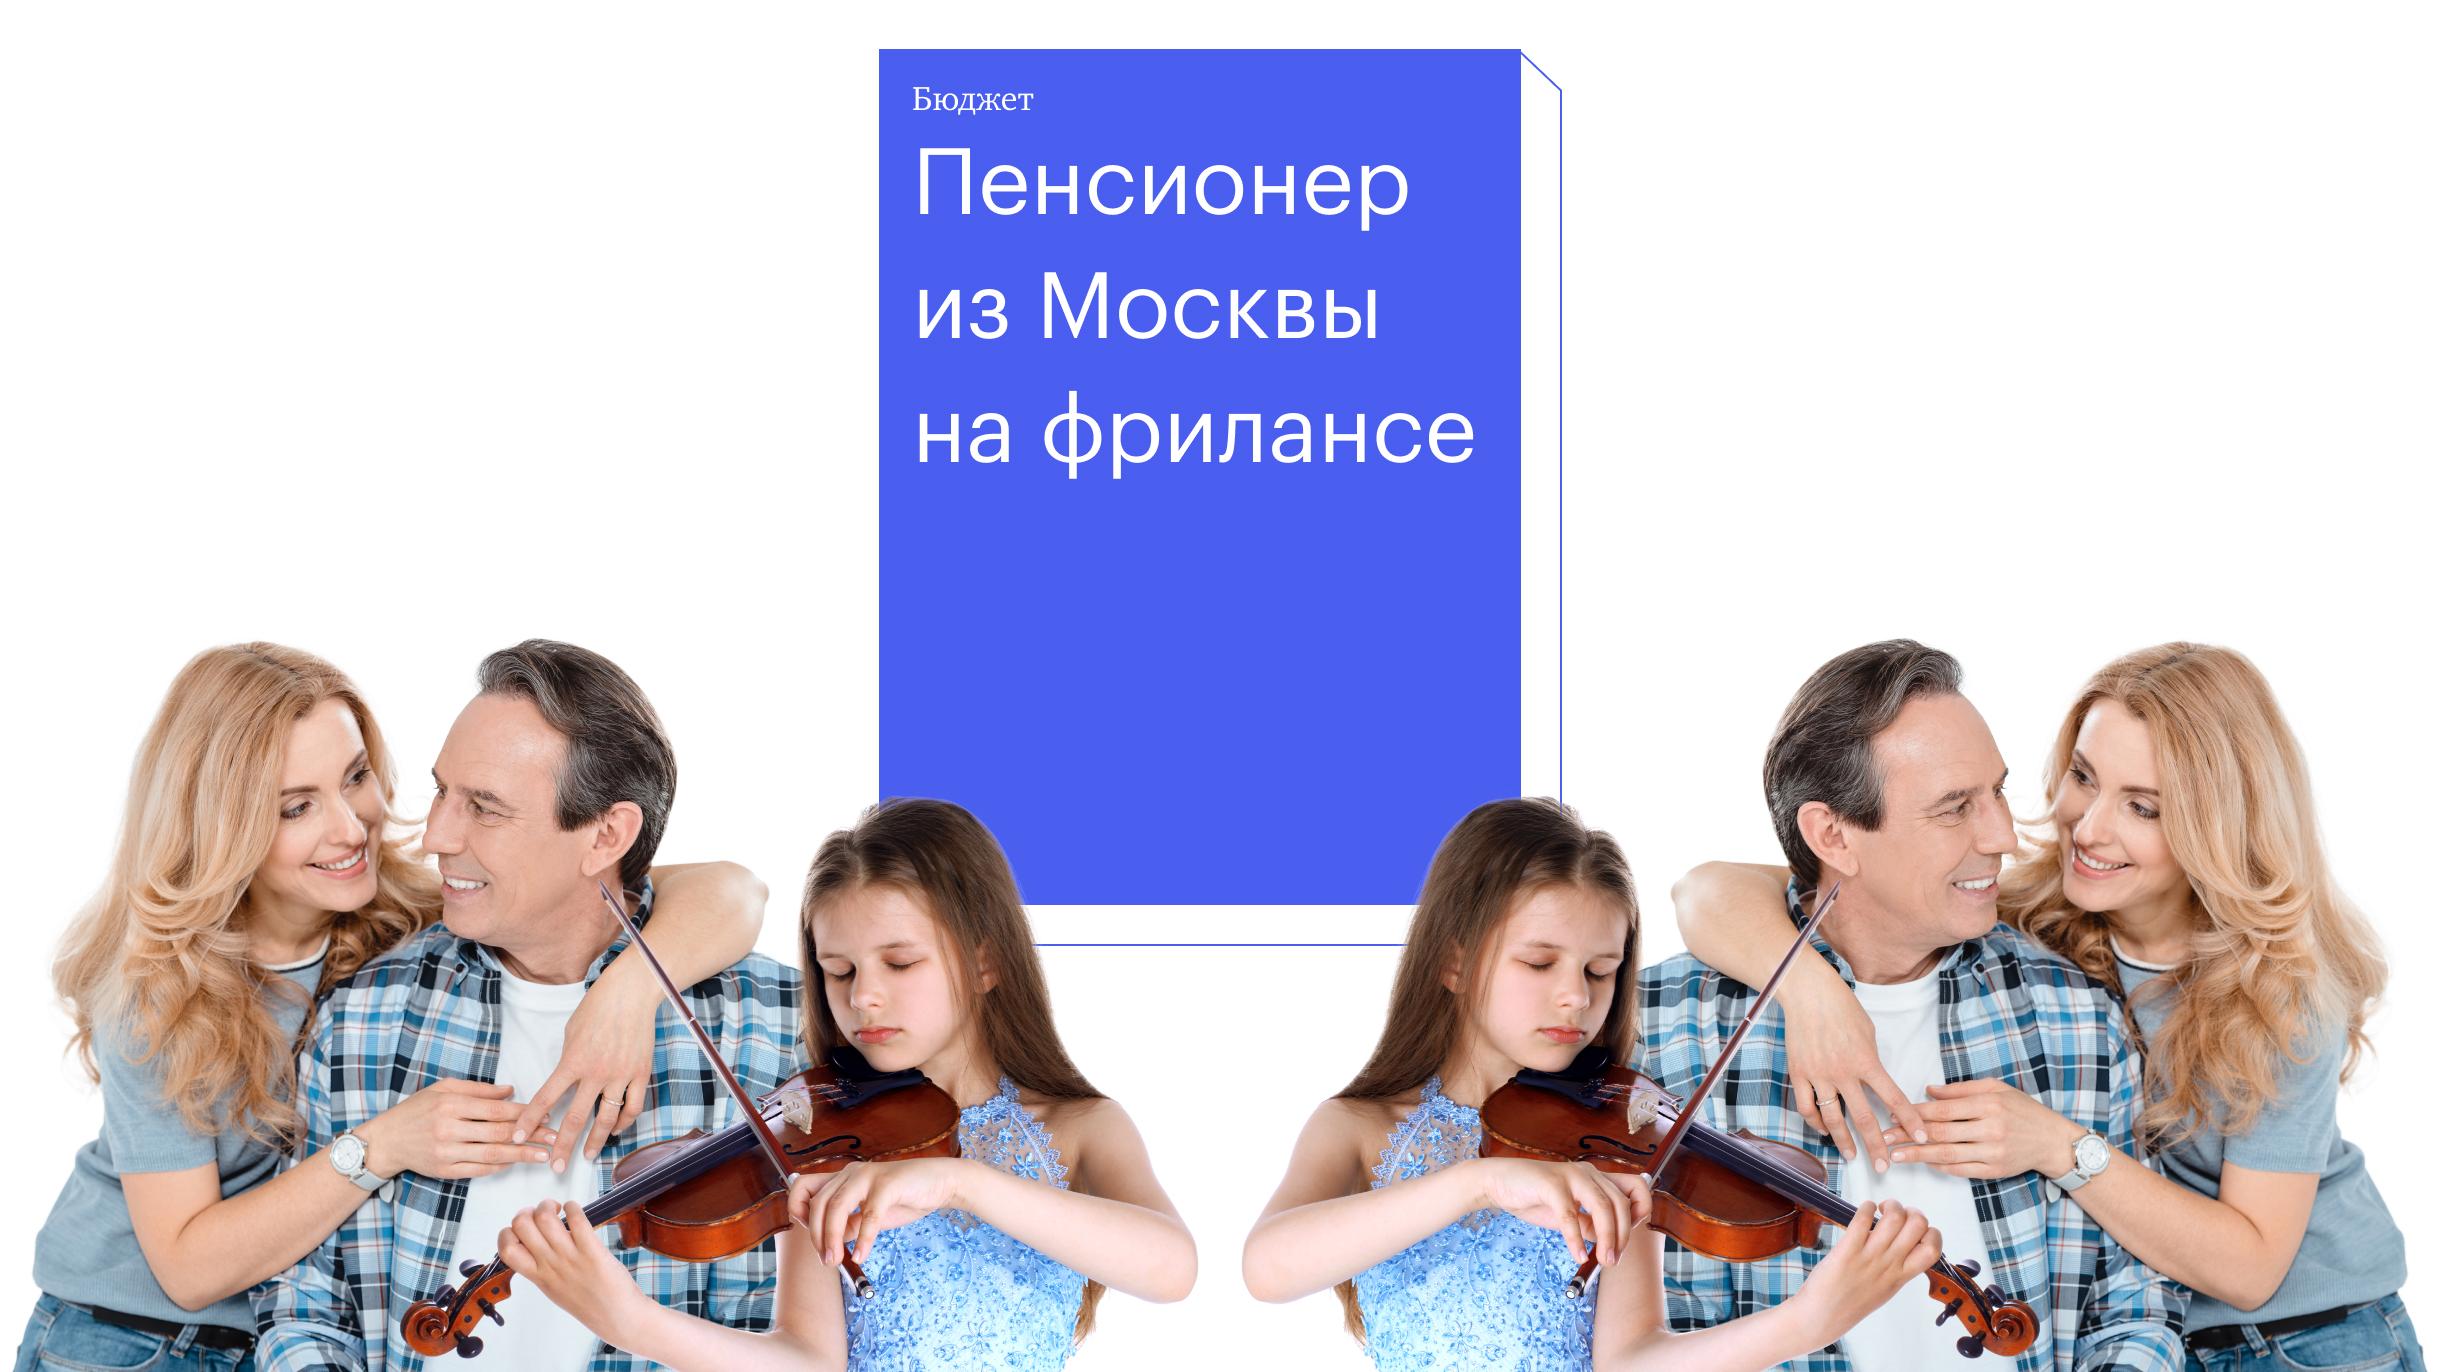 Как ведет семейный бюджет пенсионер из Москвы, который с 90-х работает на фрилансе